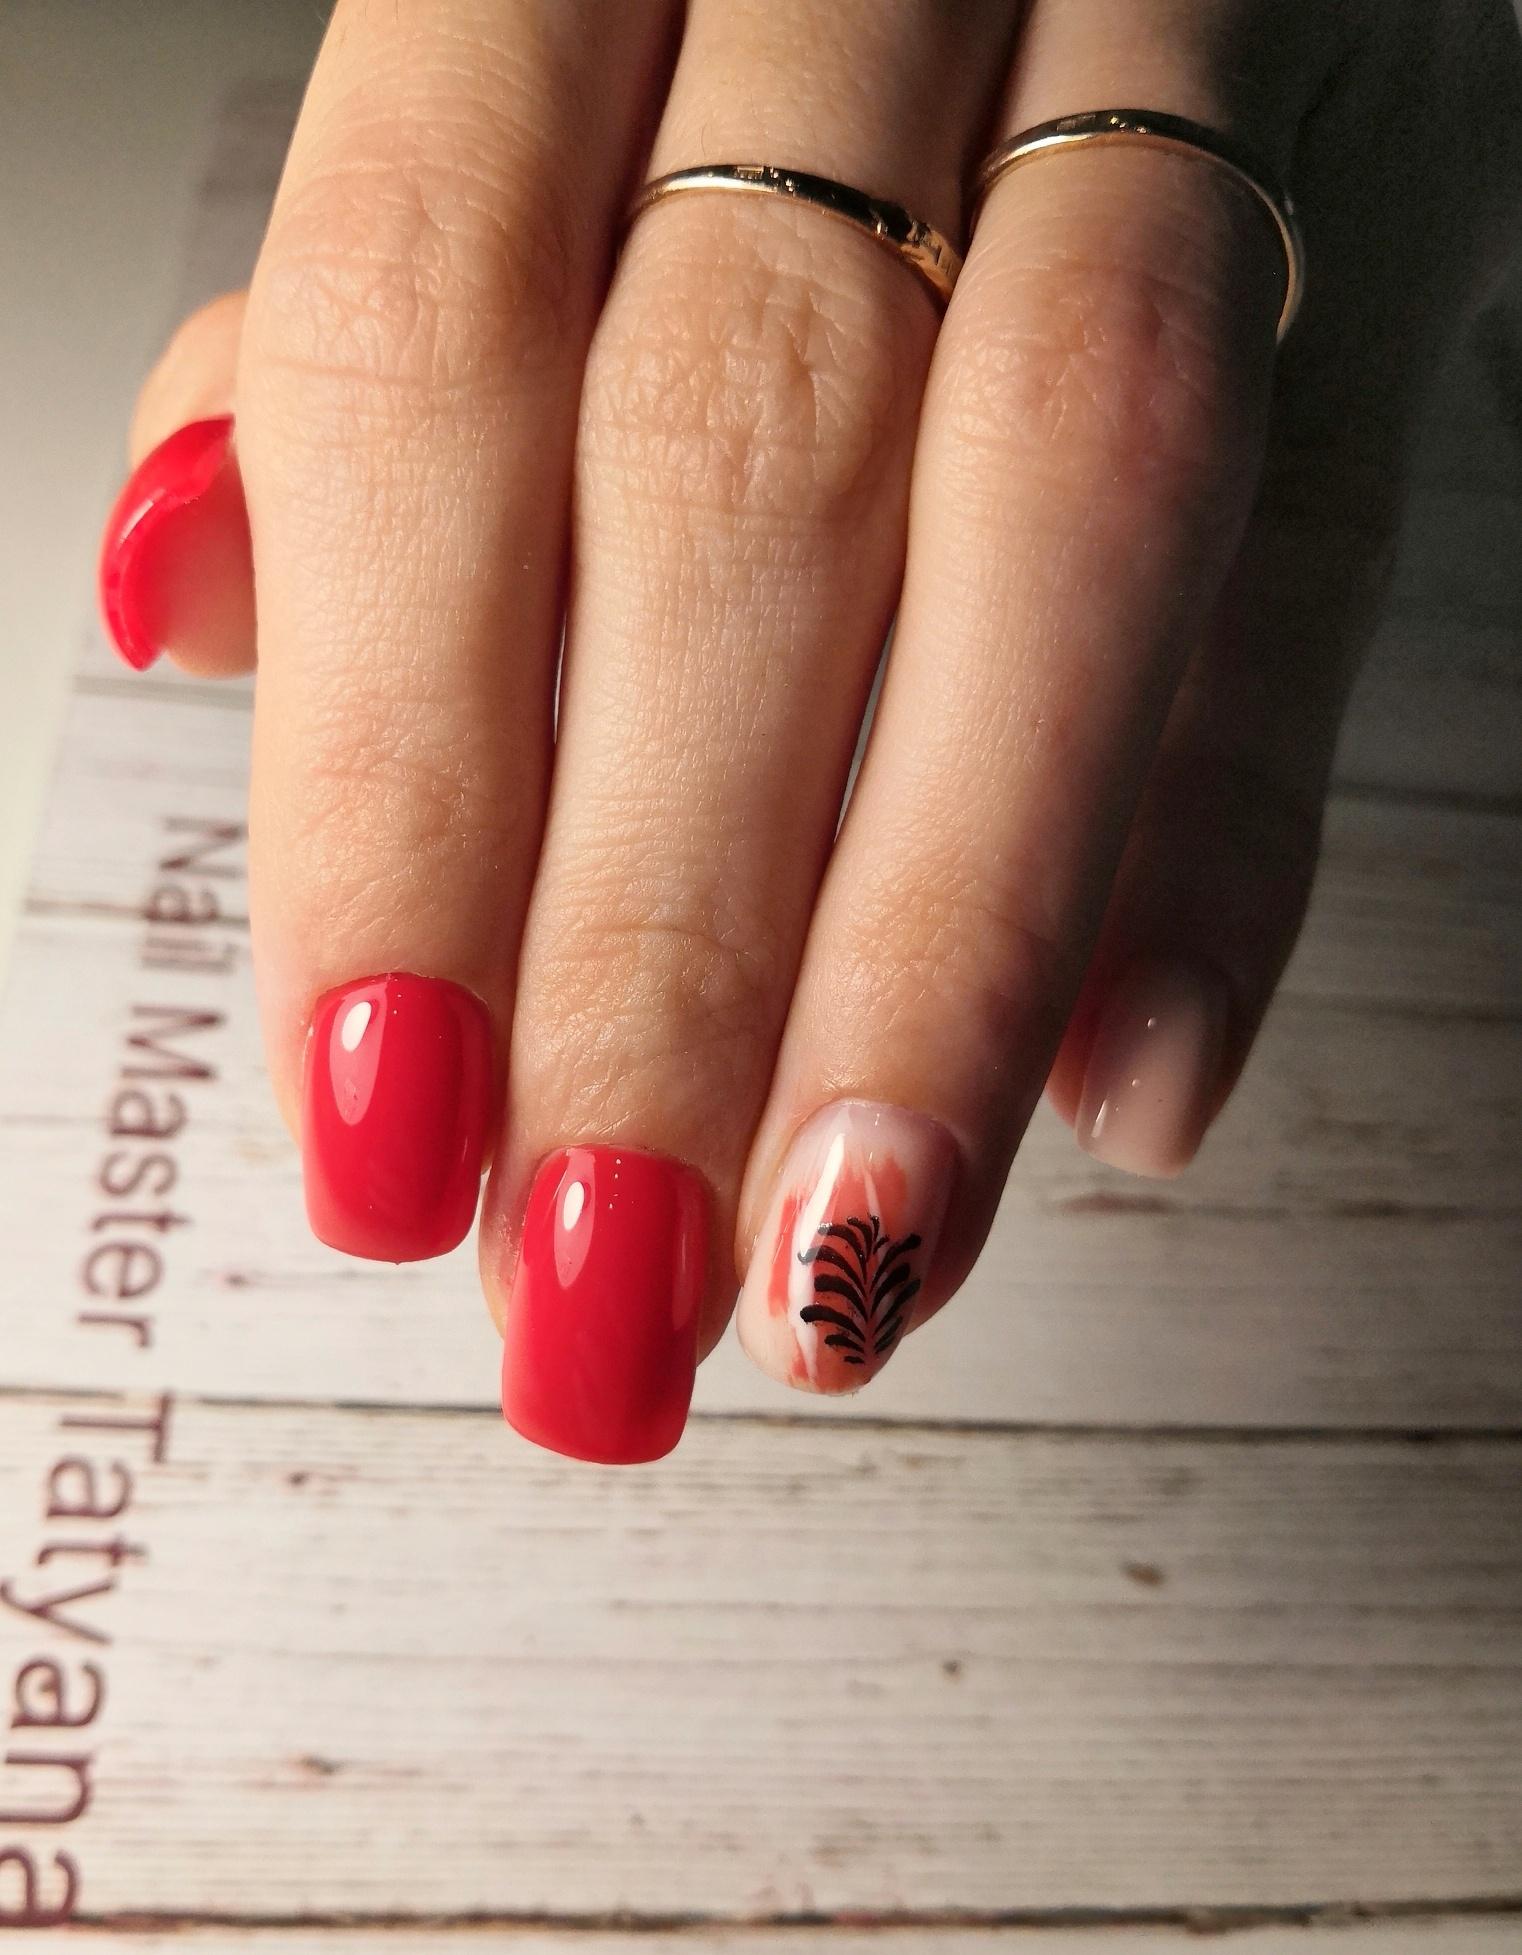 Маникюр с растительным слайдером в красном цвете на короткие ногти.